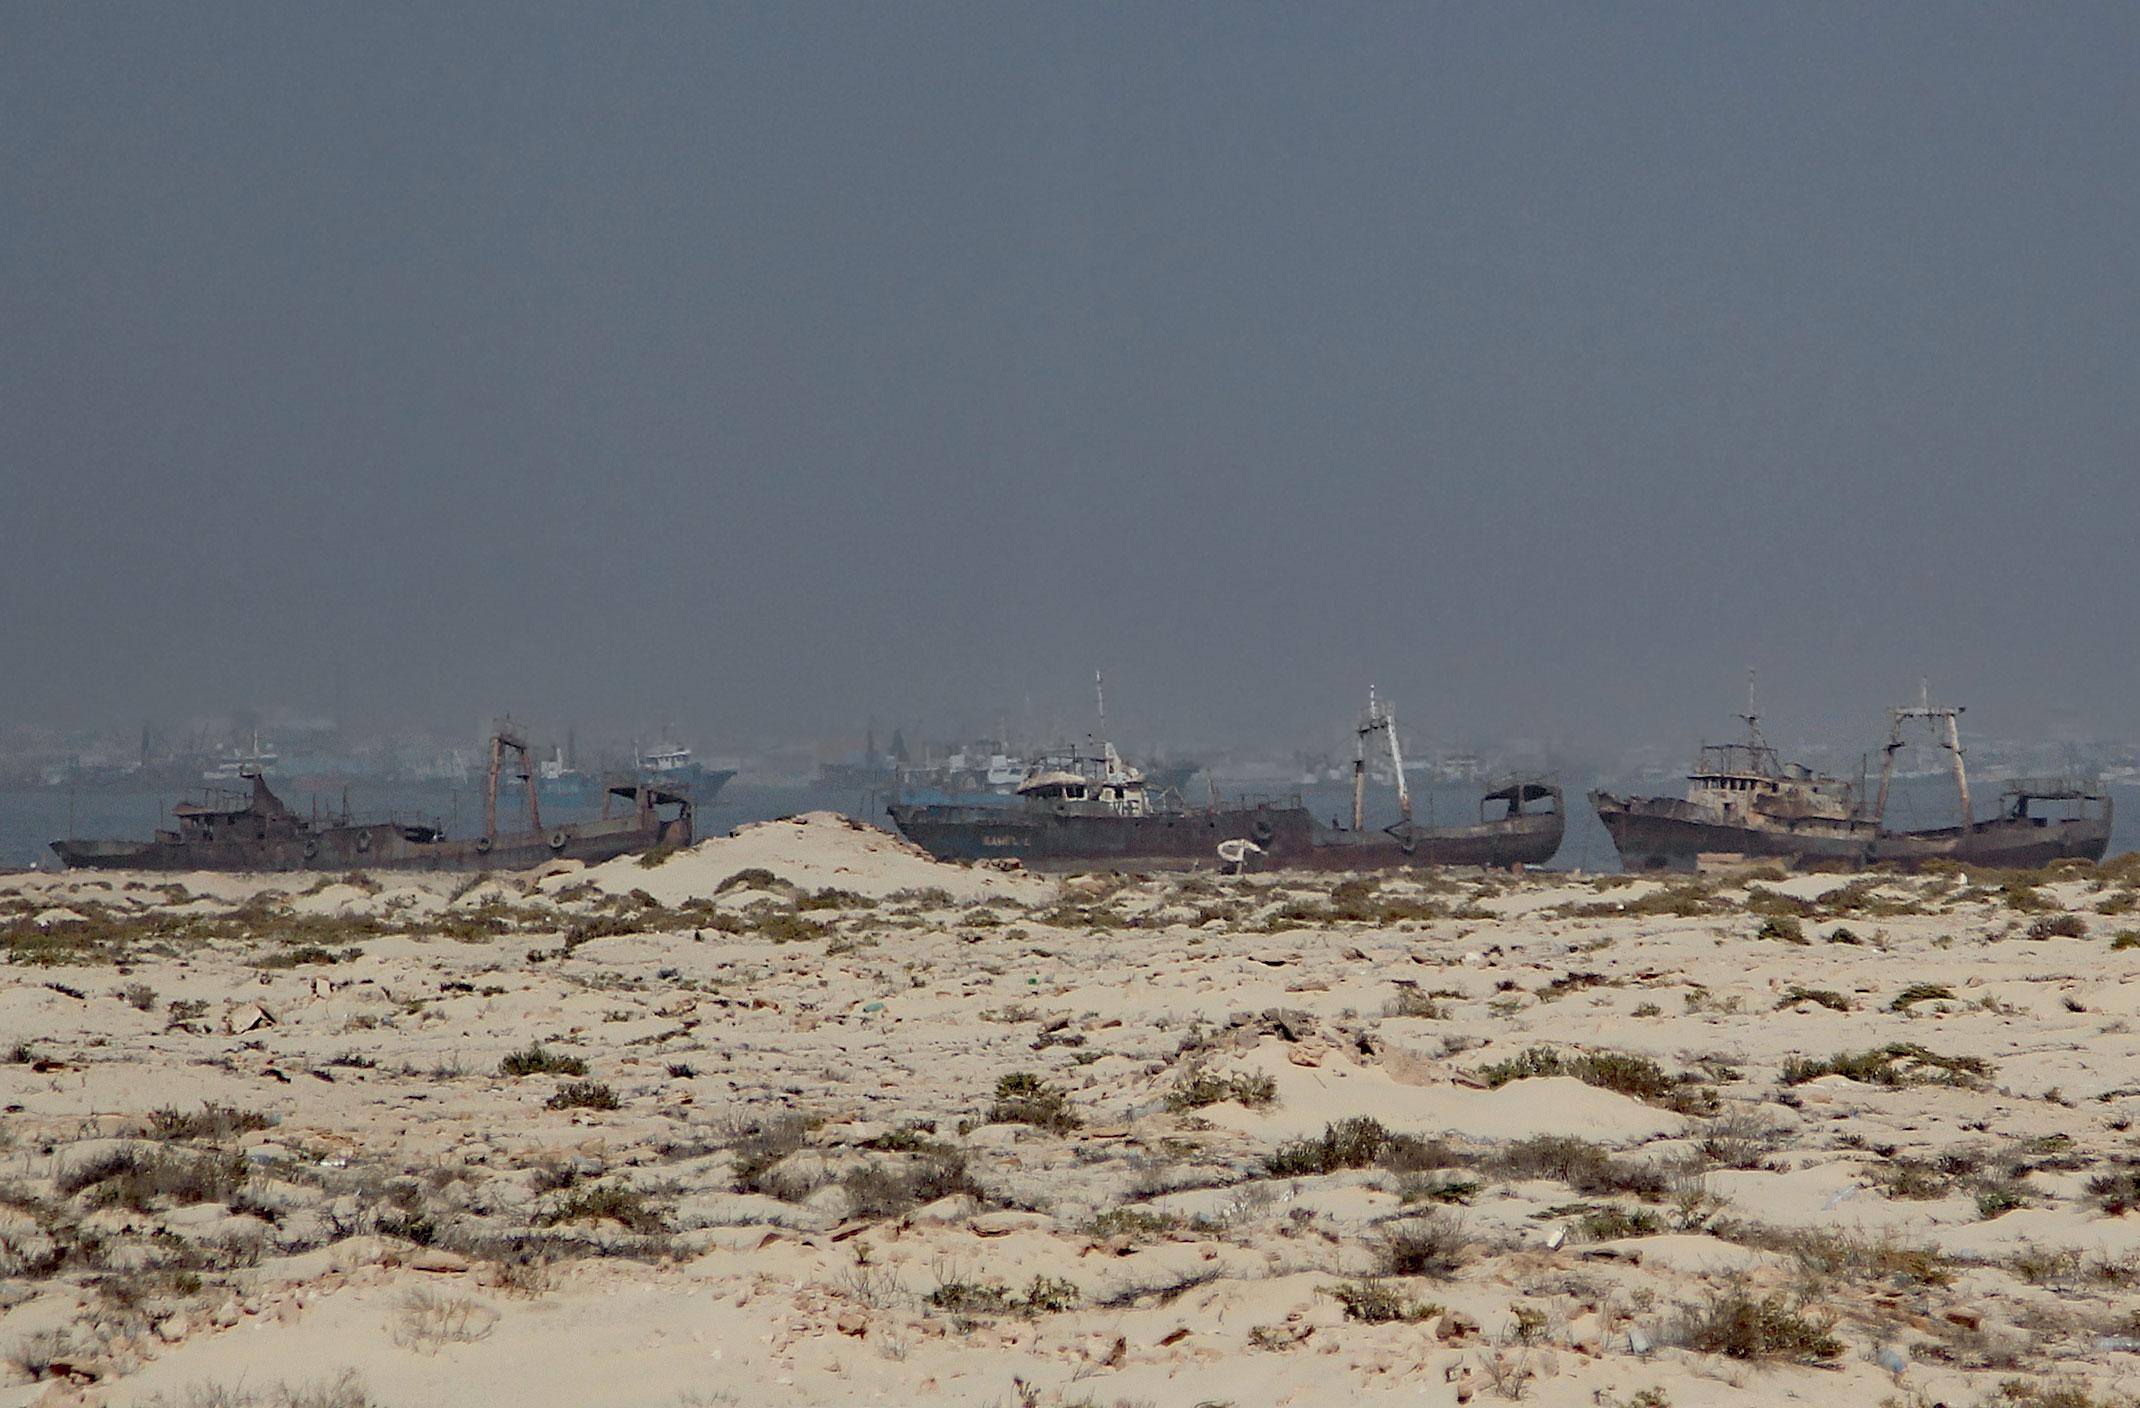 Mauretania.Zatoka wraków zwana cmentarzyskiem statków.